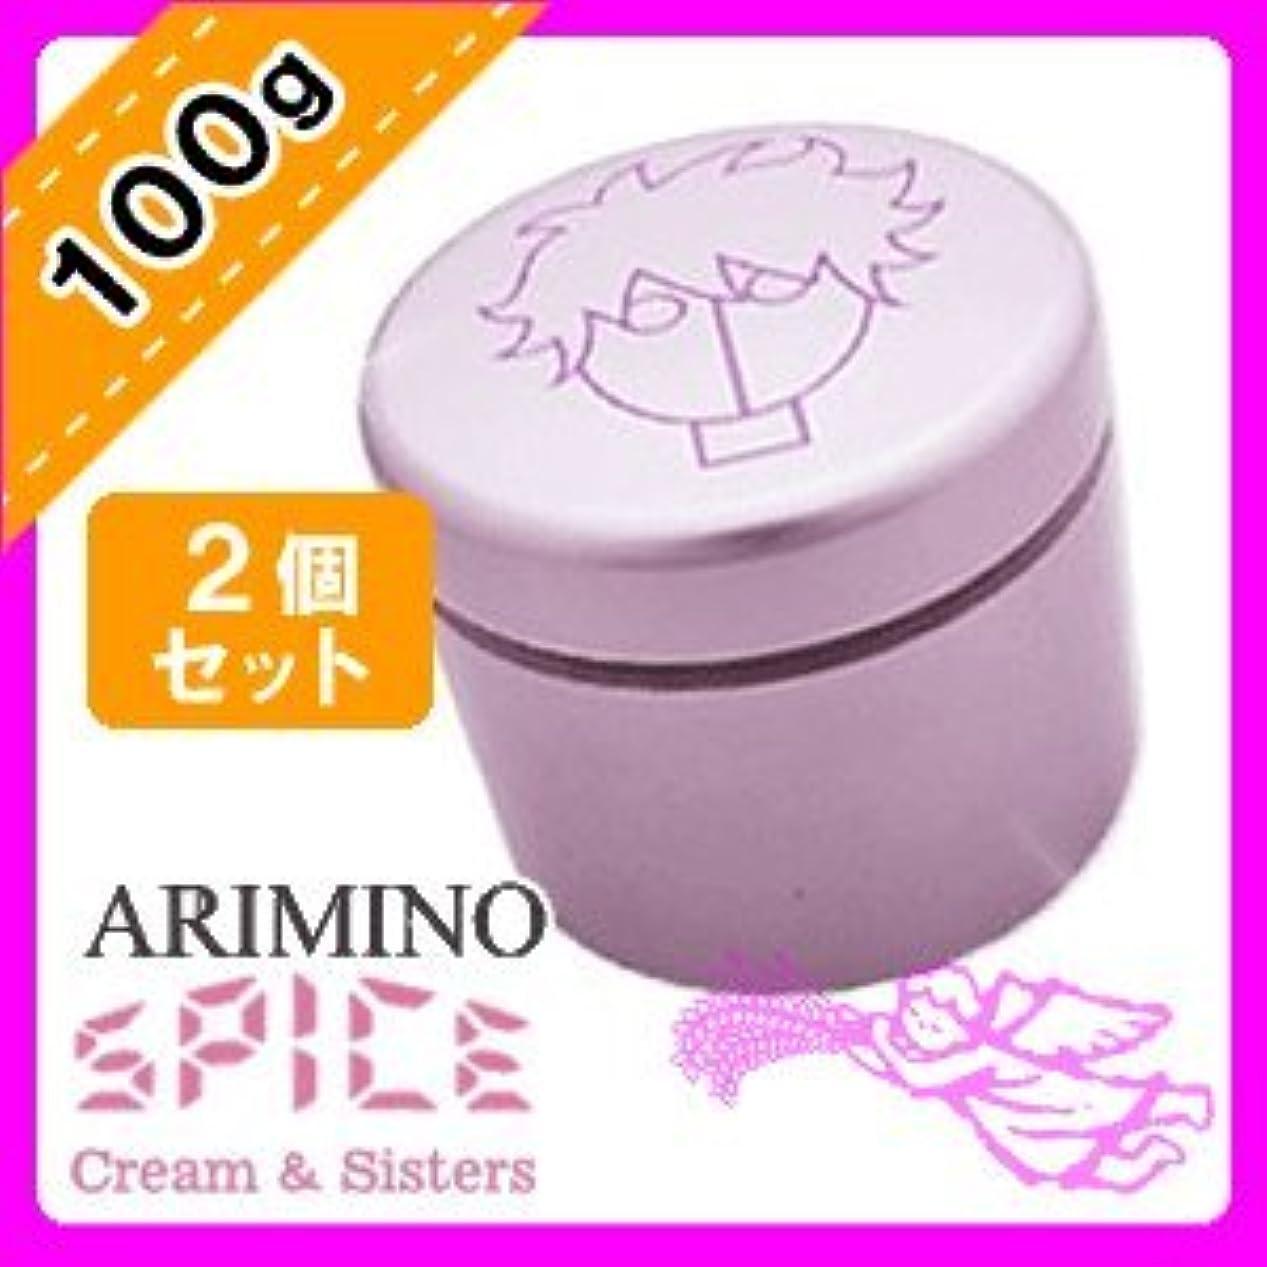 災害お酢電池アリミノ スパイスネオ ファイバーワックス100g ×2個 セット arimino SPICE